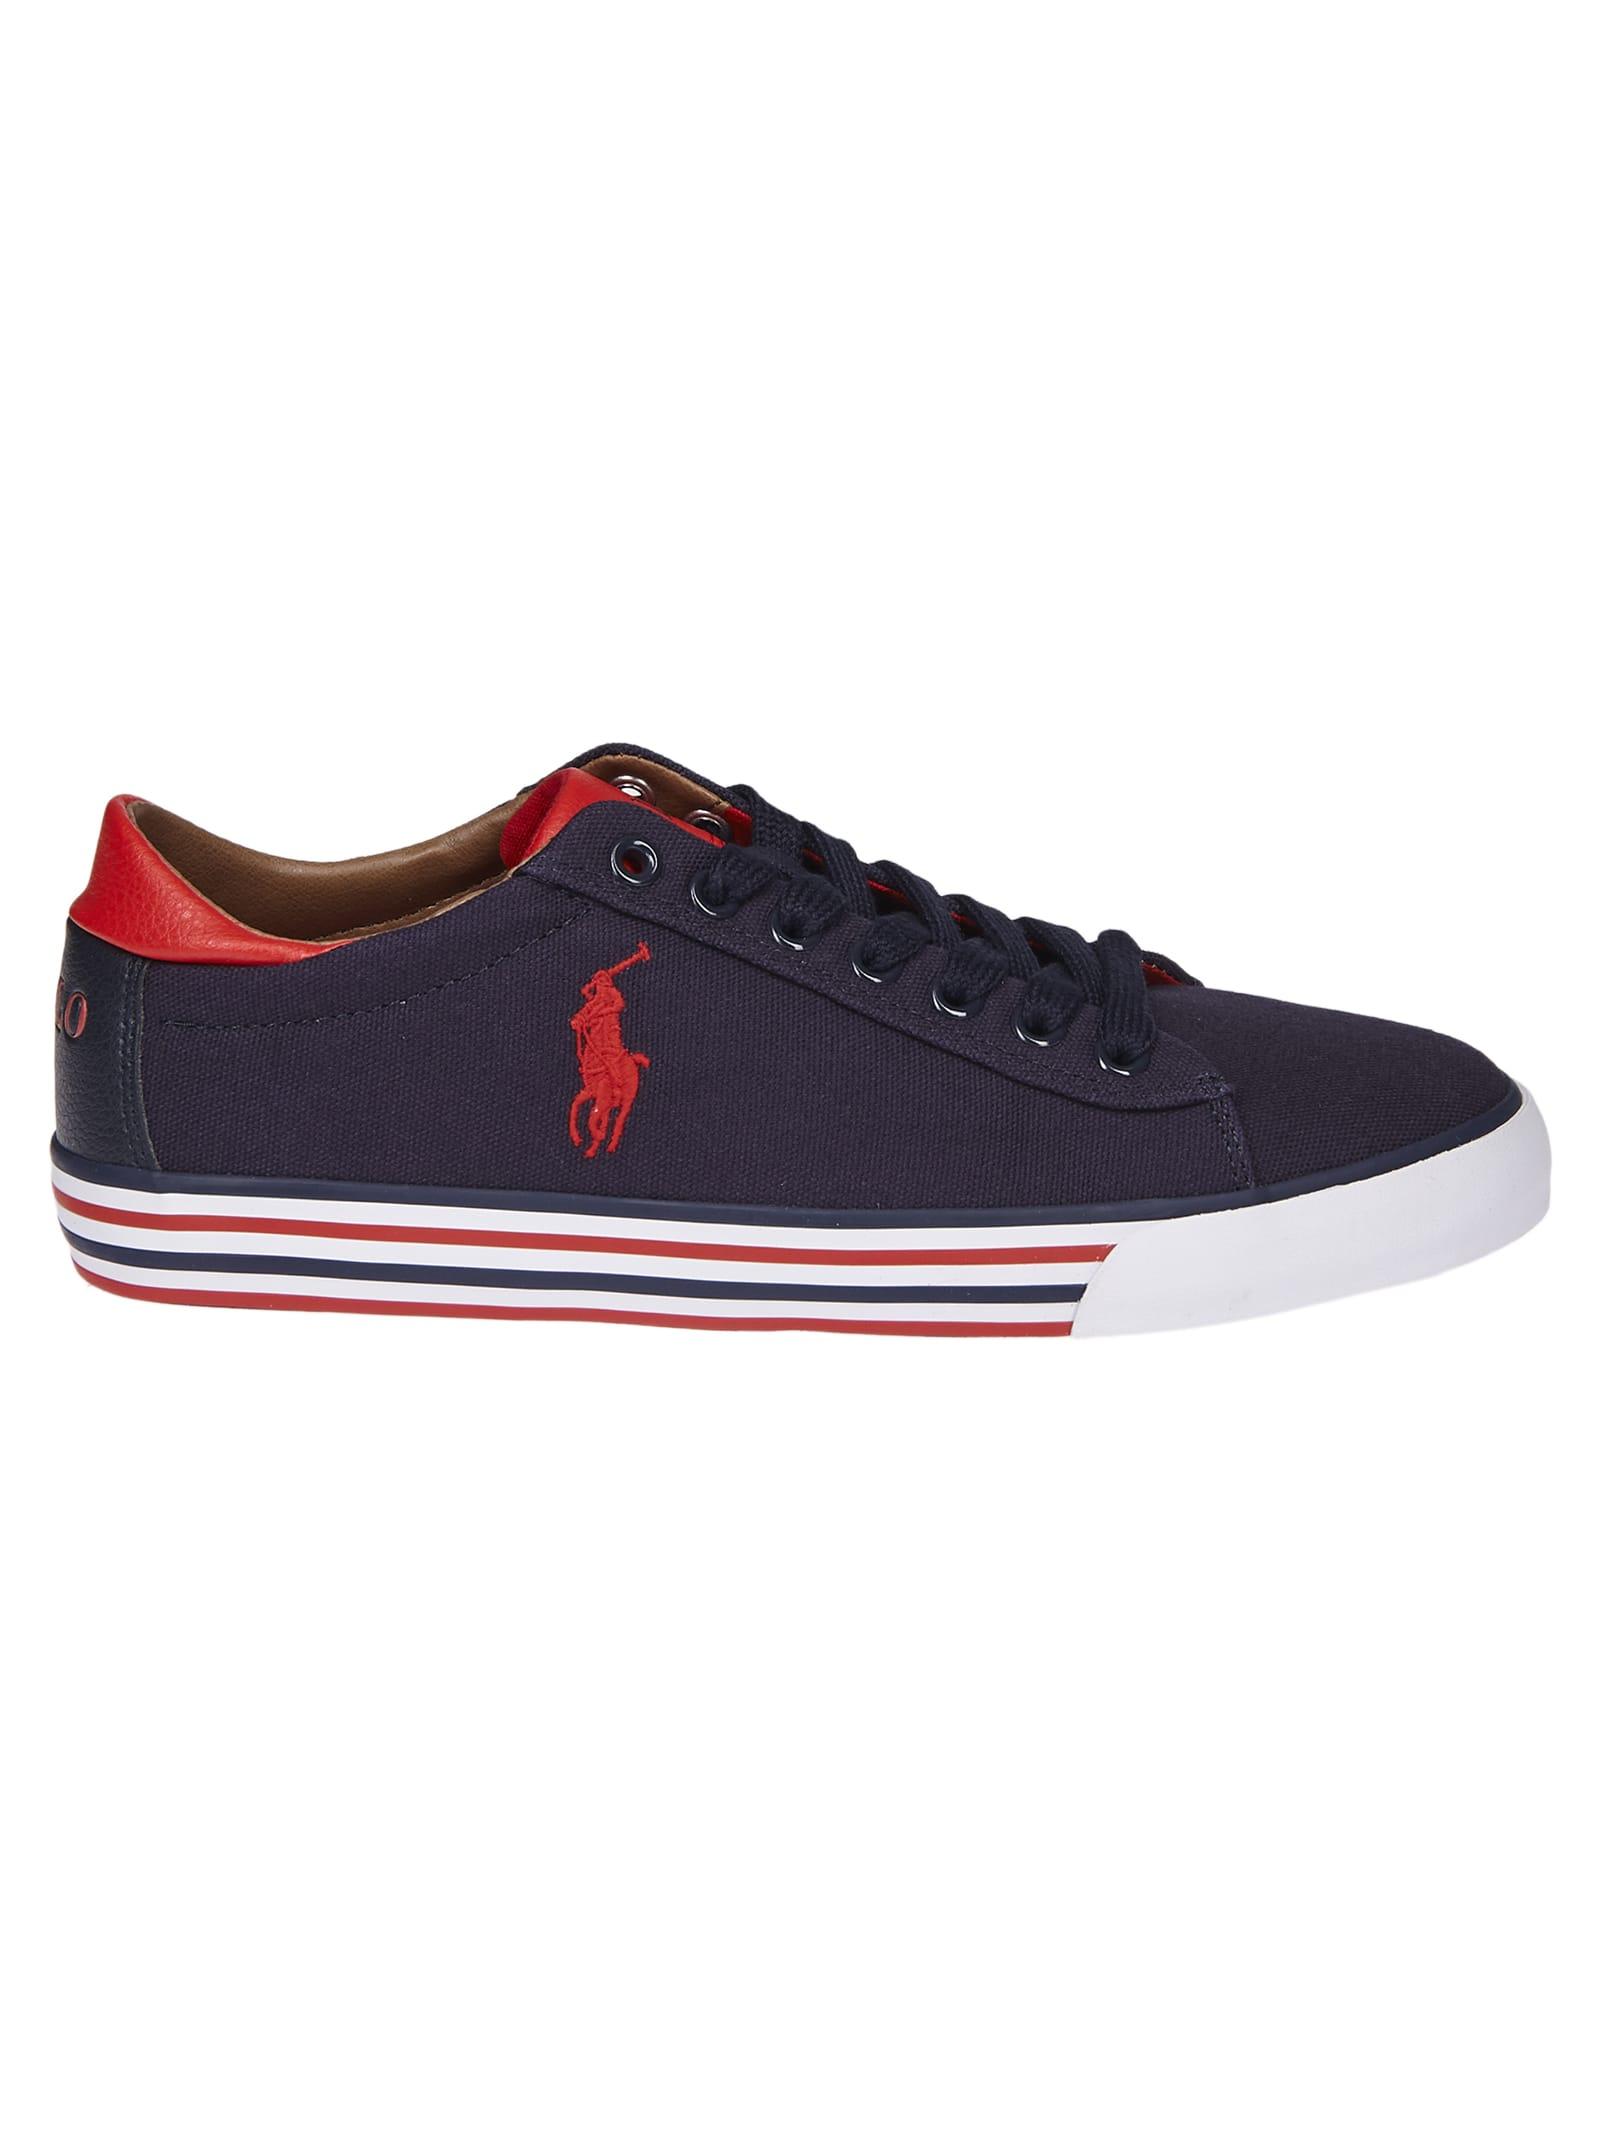 Harvey Sneakers